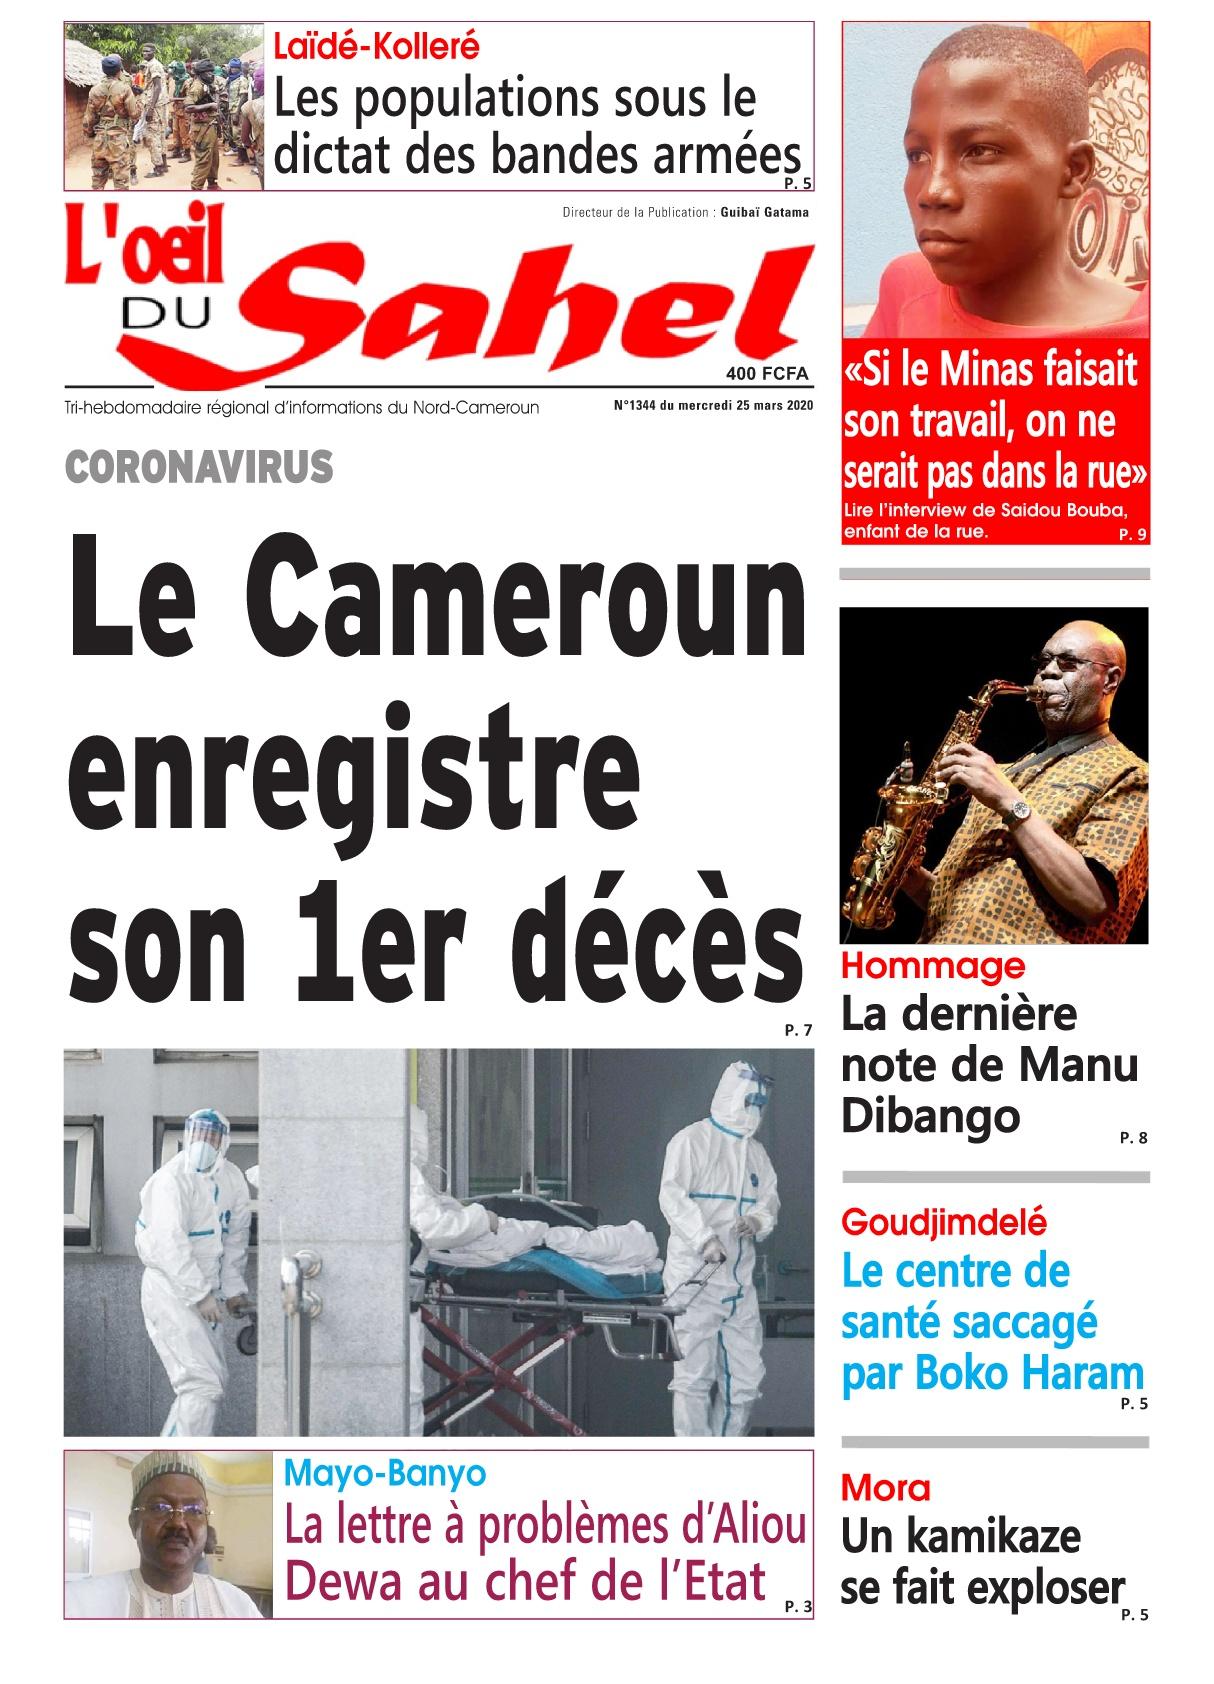 L'oeil du Sahel - 25/03/2020